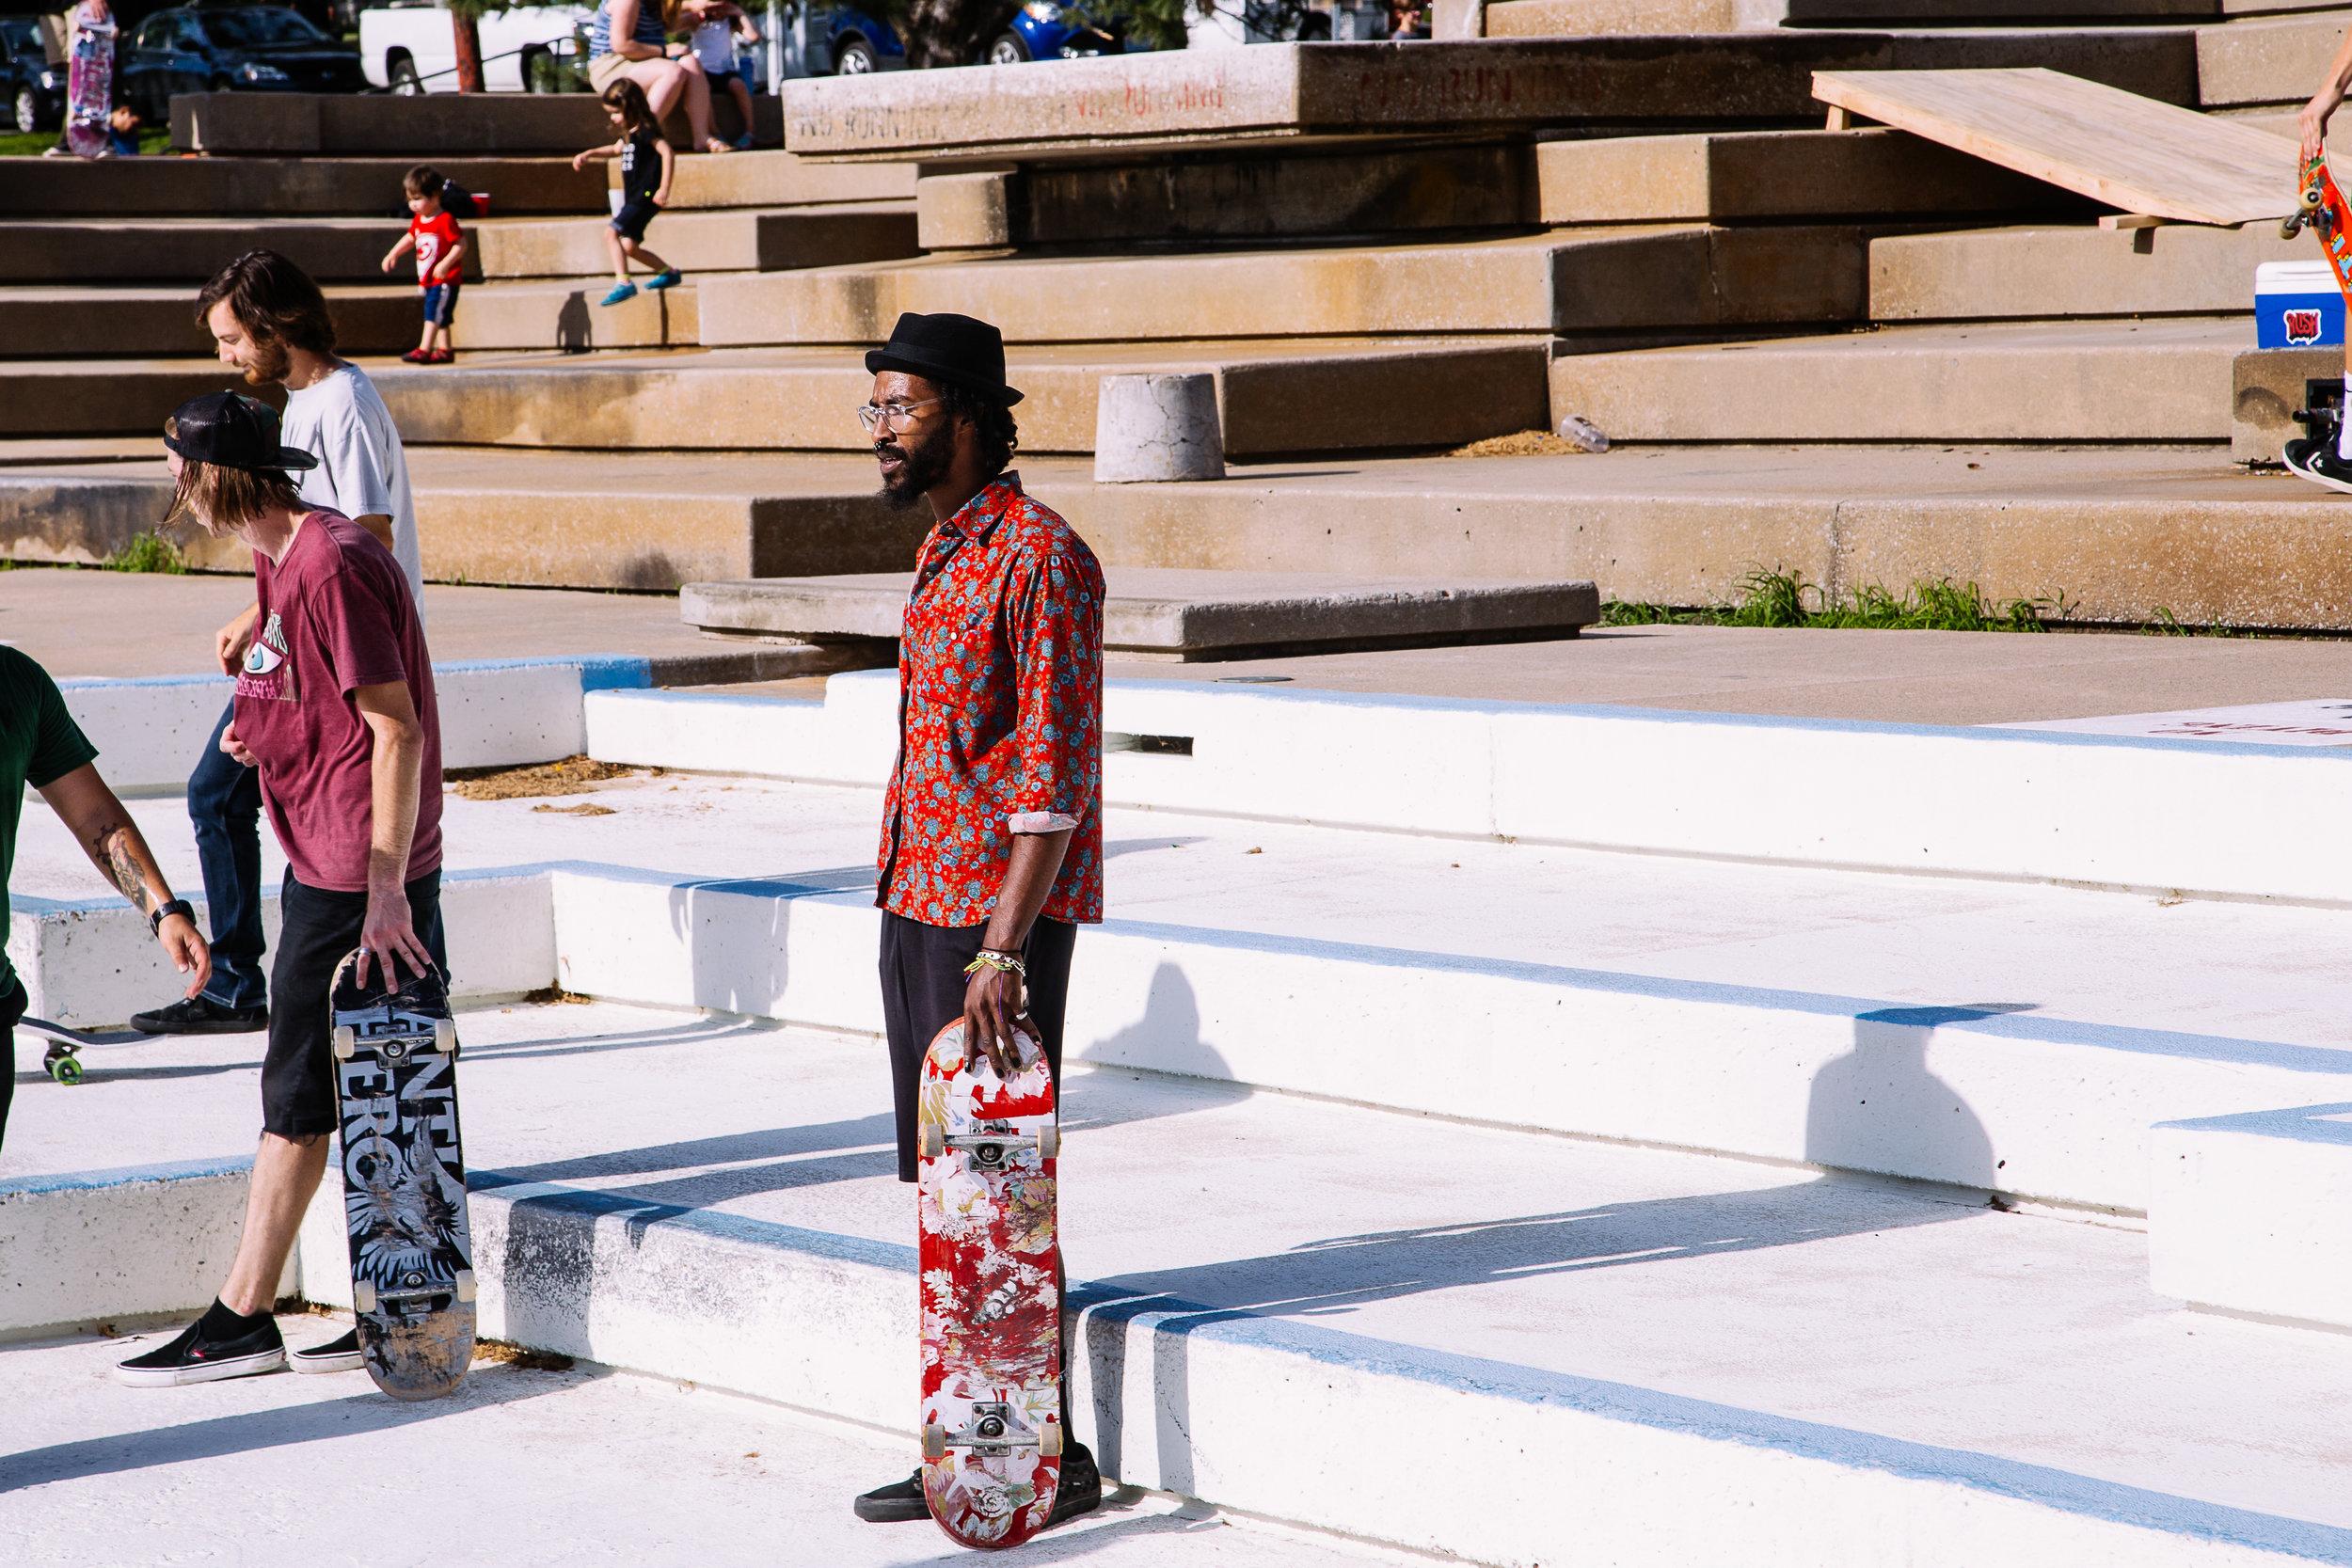 Go Skateboarding Day - June '17 - 15 (color).jpg